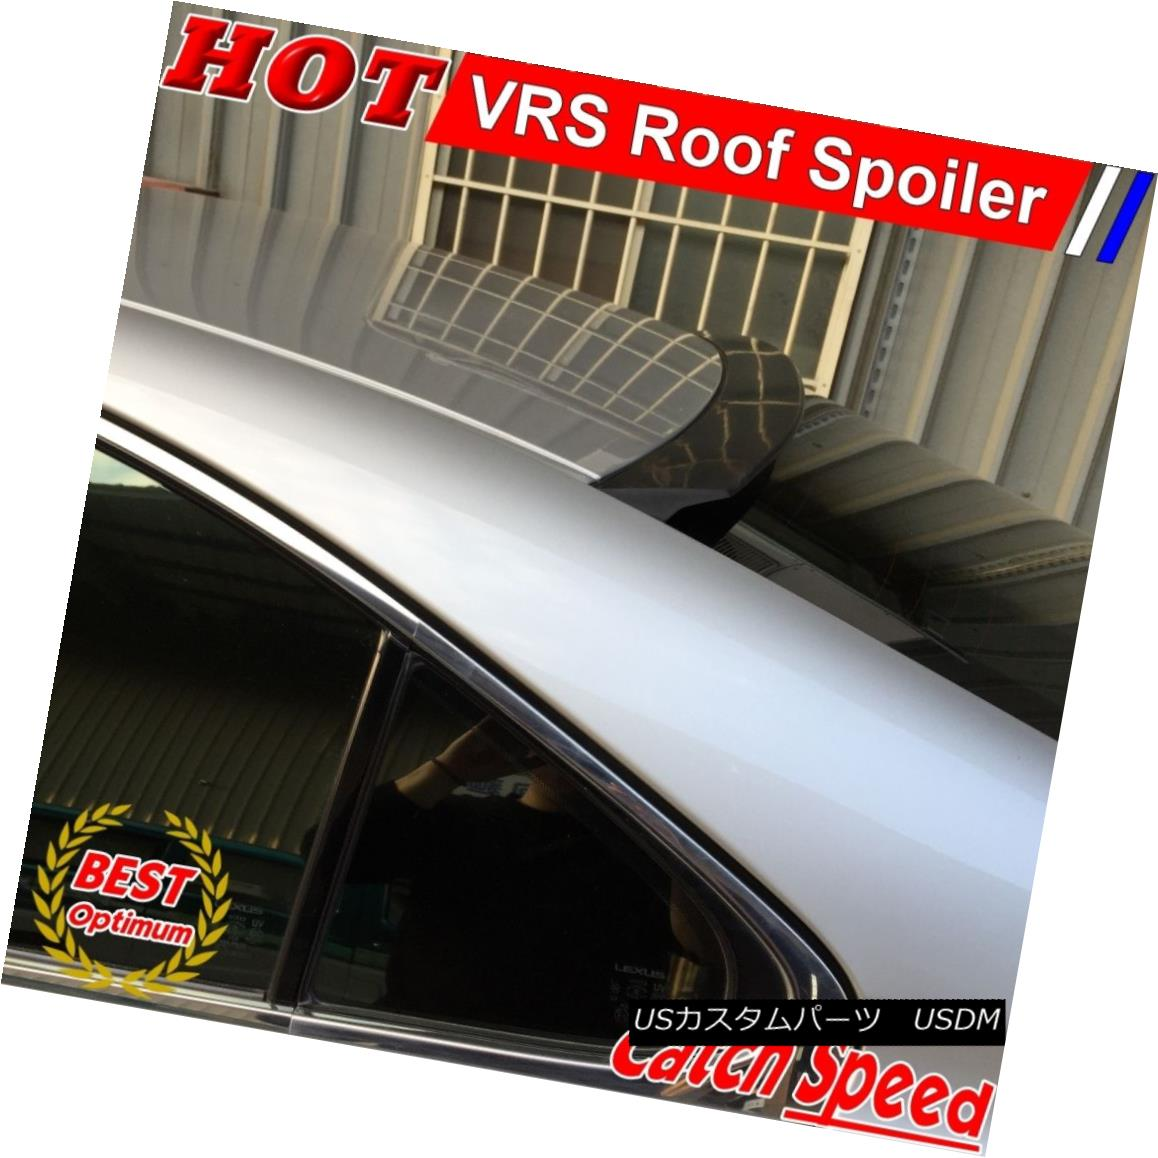 エアロパーツ Flat Black VRS Type Rear Roof Spoiler Window Wing For VOLVO S40 Sedan 2004-2012 VOLVO S40 Sedan 2004-2012用フラットブラックVSタイプリアルーフスポイラーウイング